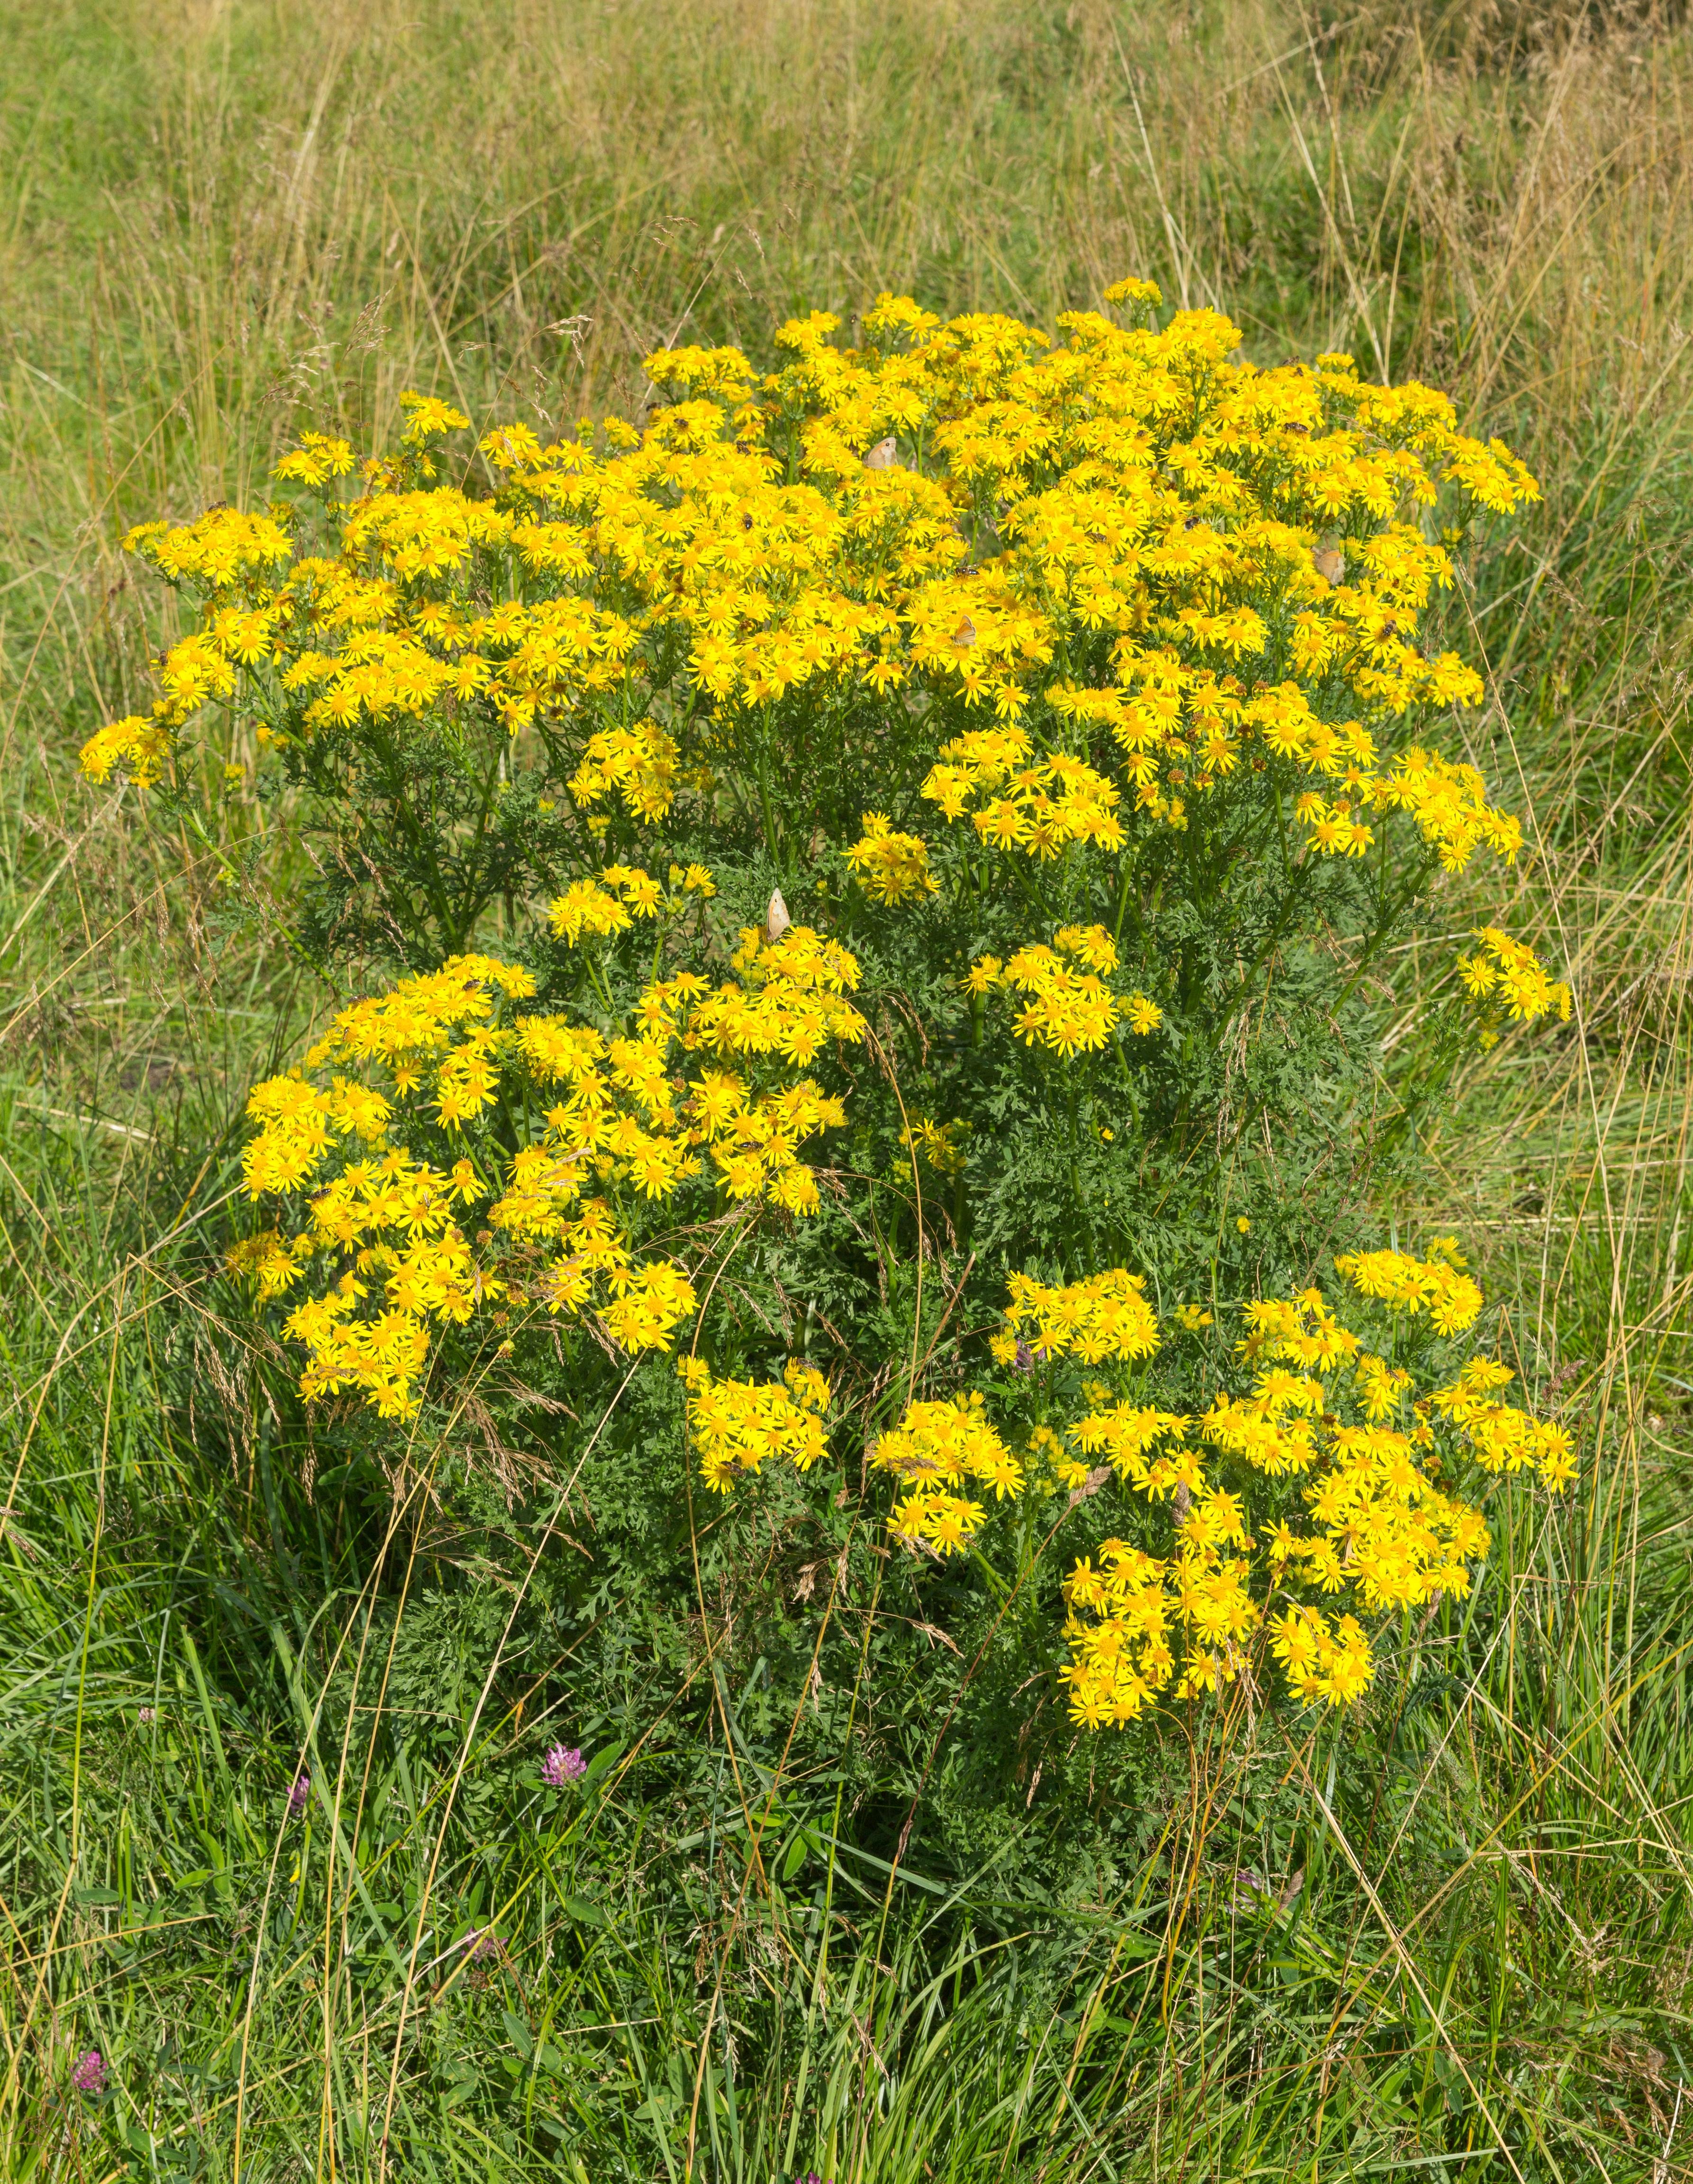 Na fotografii je vysoká zelená, žlutě kvetoucí bylina